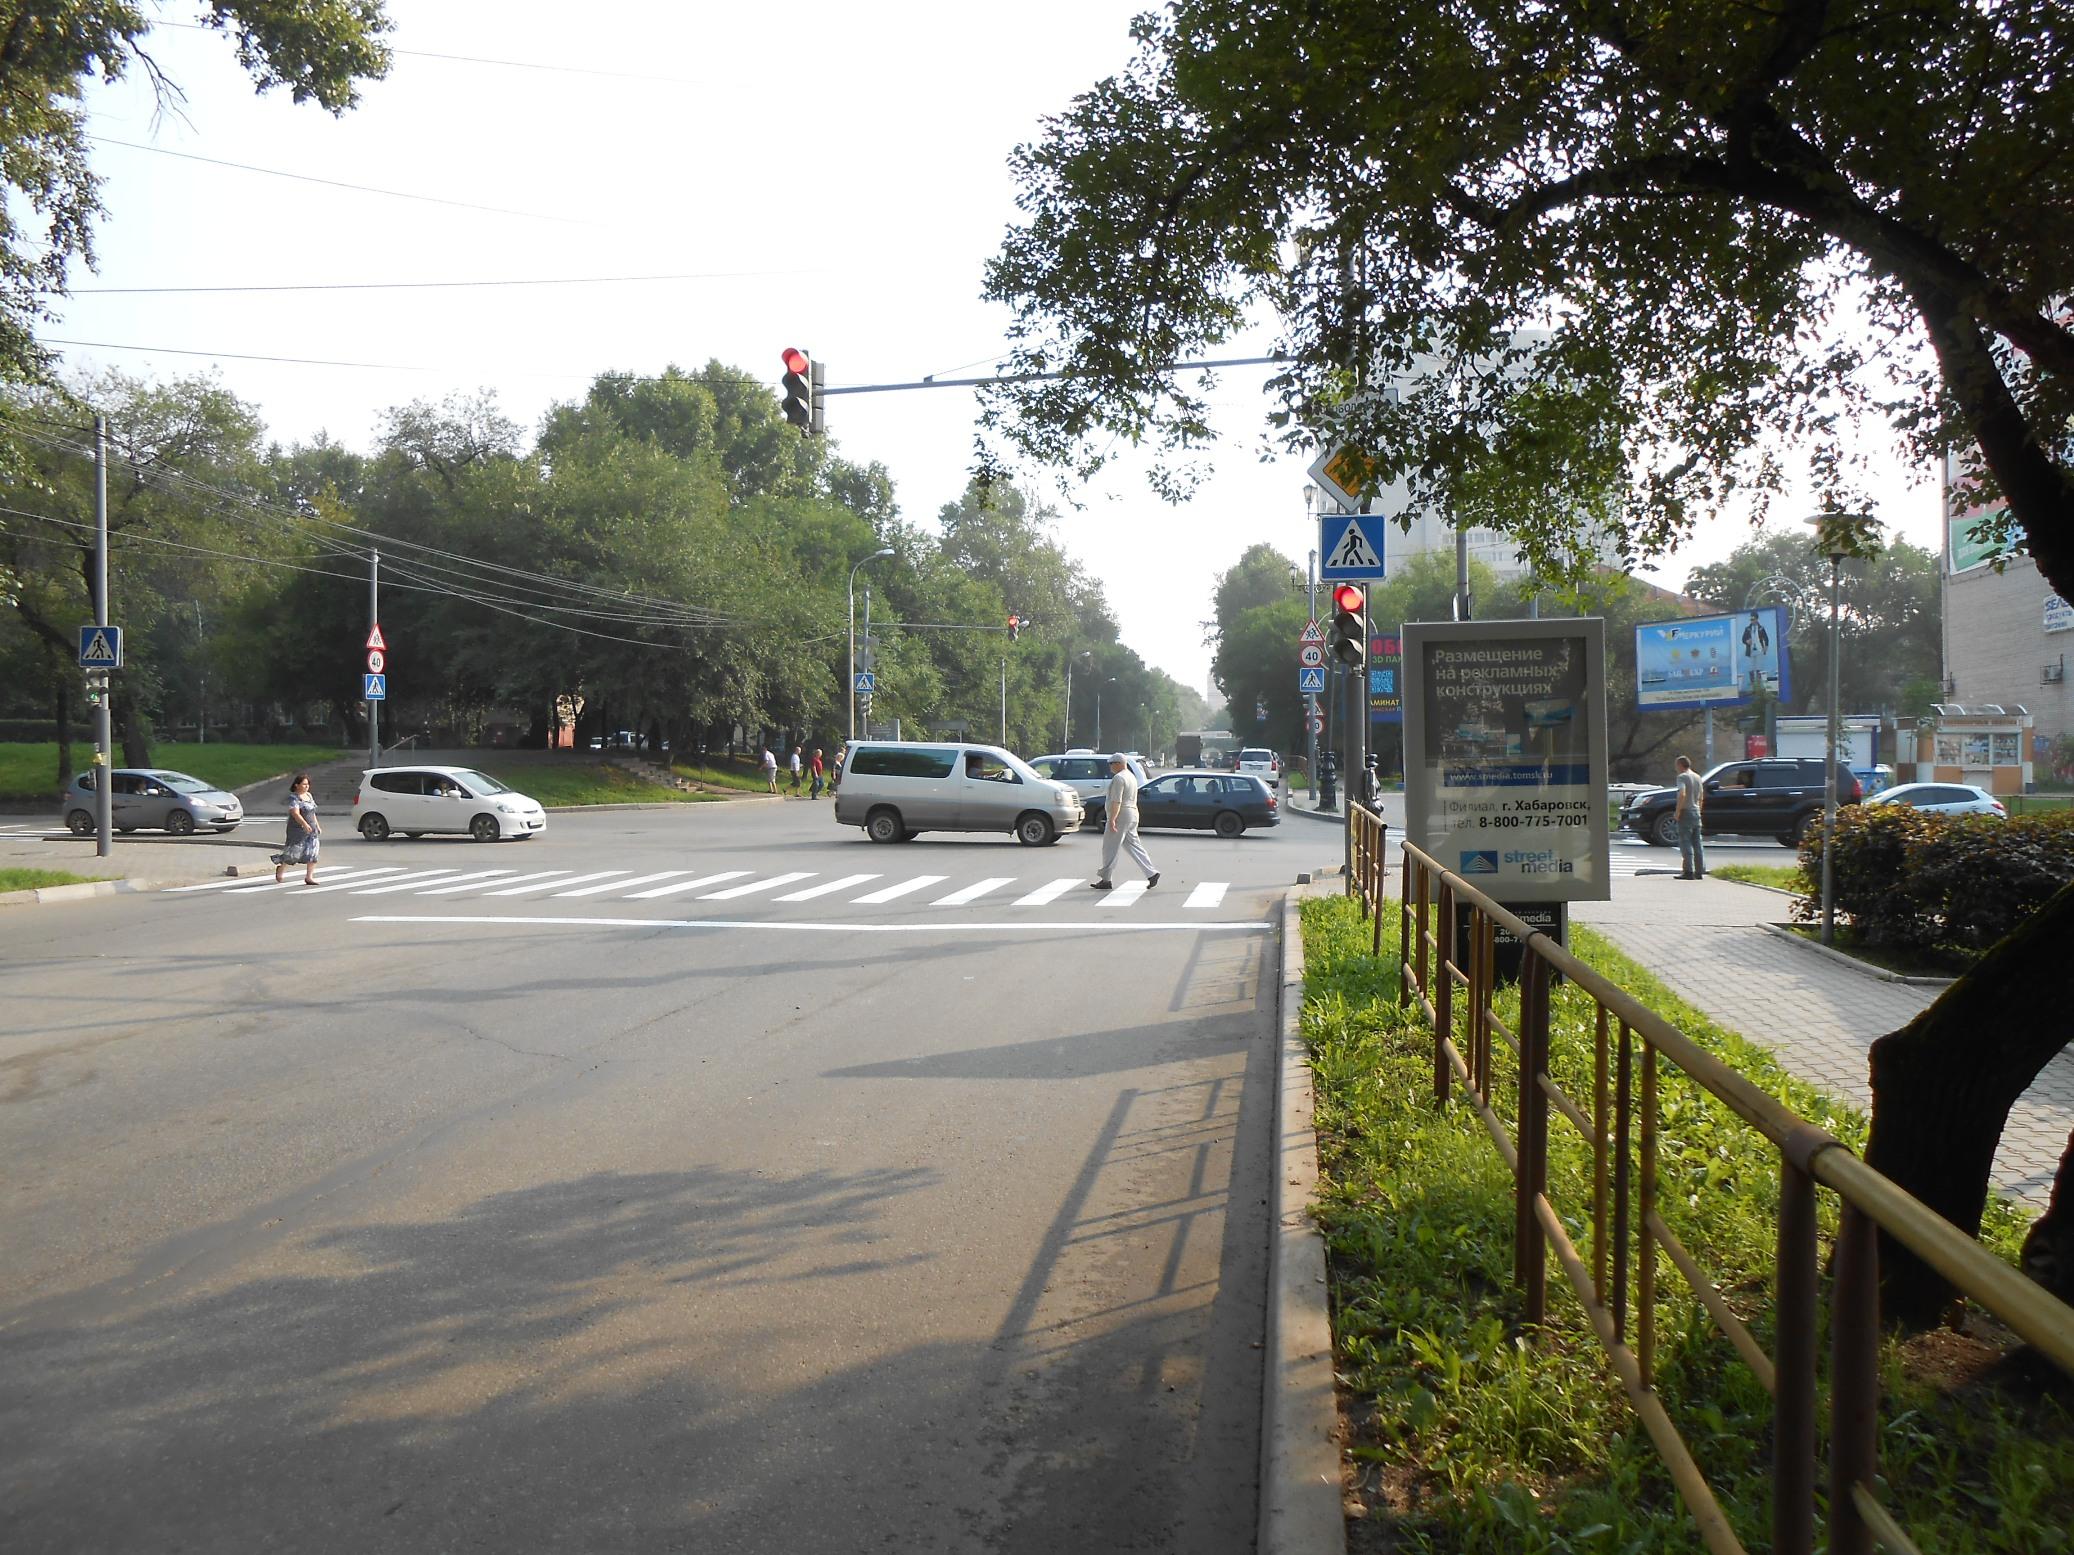 ул. Слободская, 27 - ул. Гамарника